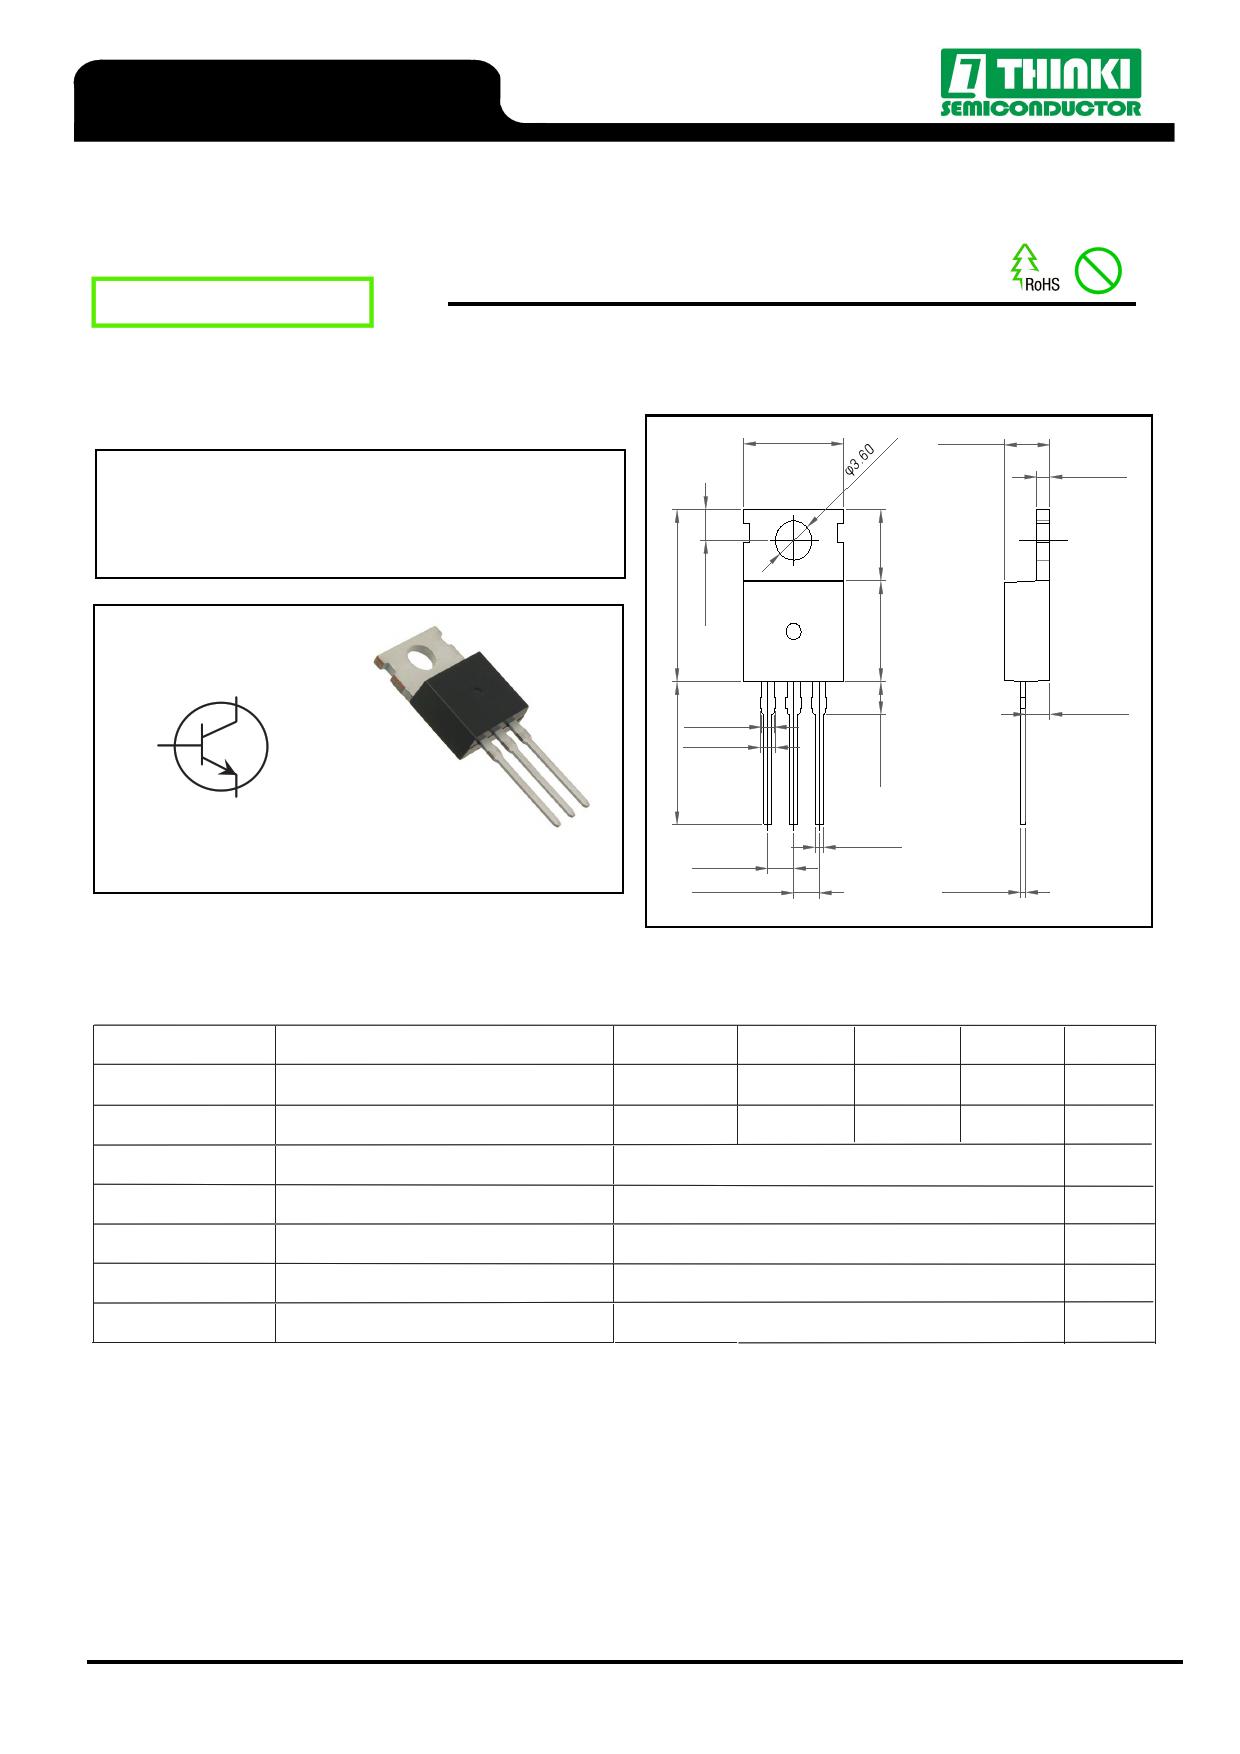 TIP41C datasheet pinout